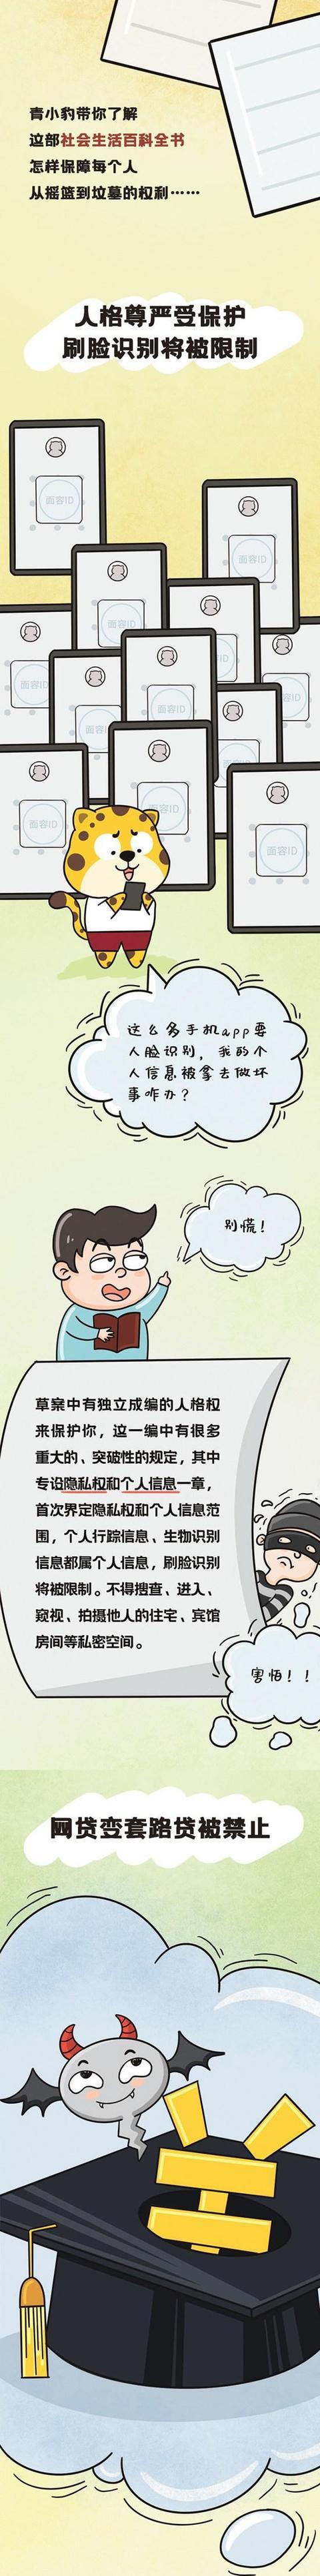 """中国青年网少年的你走进""""民法典时代"""""""